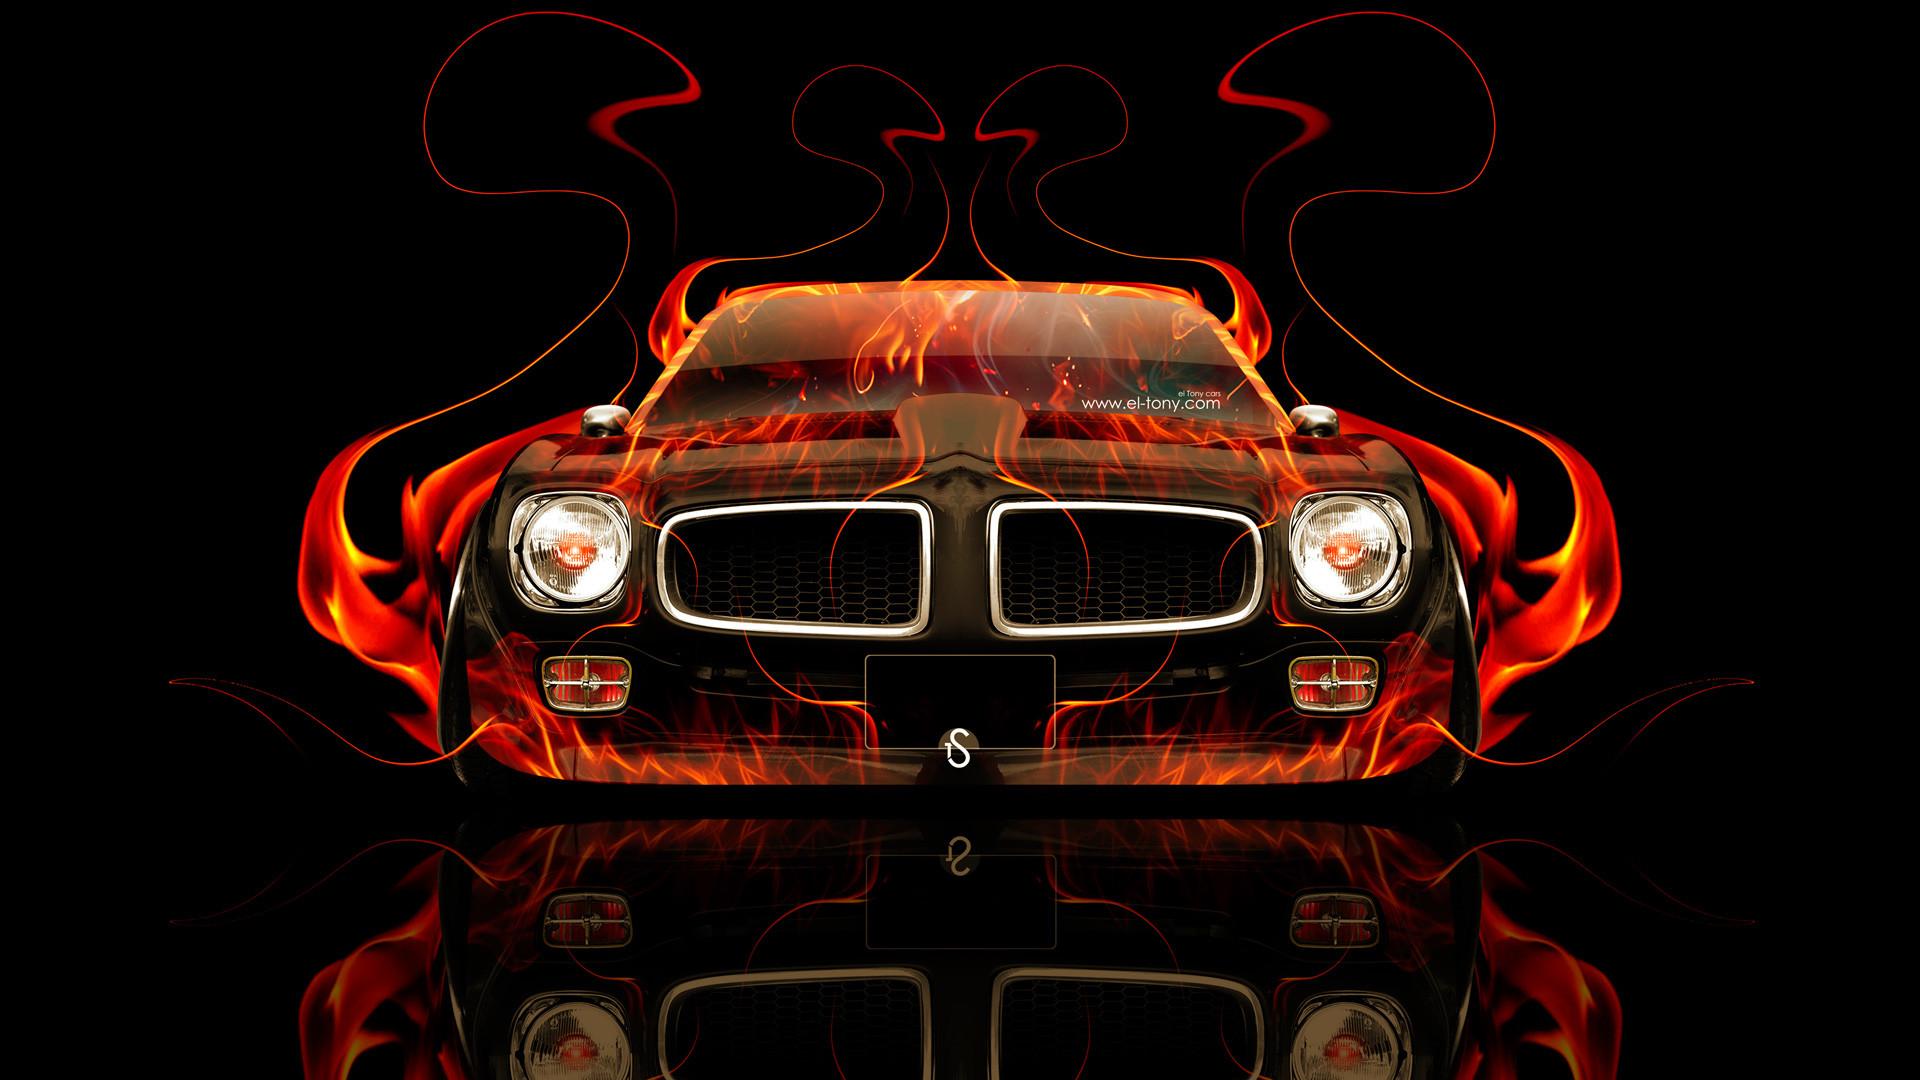 Res: 1920x1080, Pontiac-Firebird-Front-Fire-Abstract-Car-2014-HD-